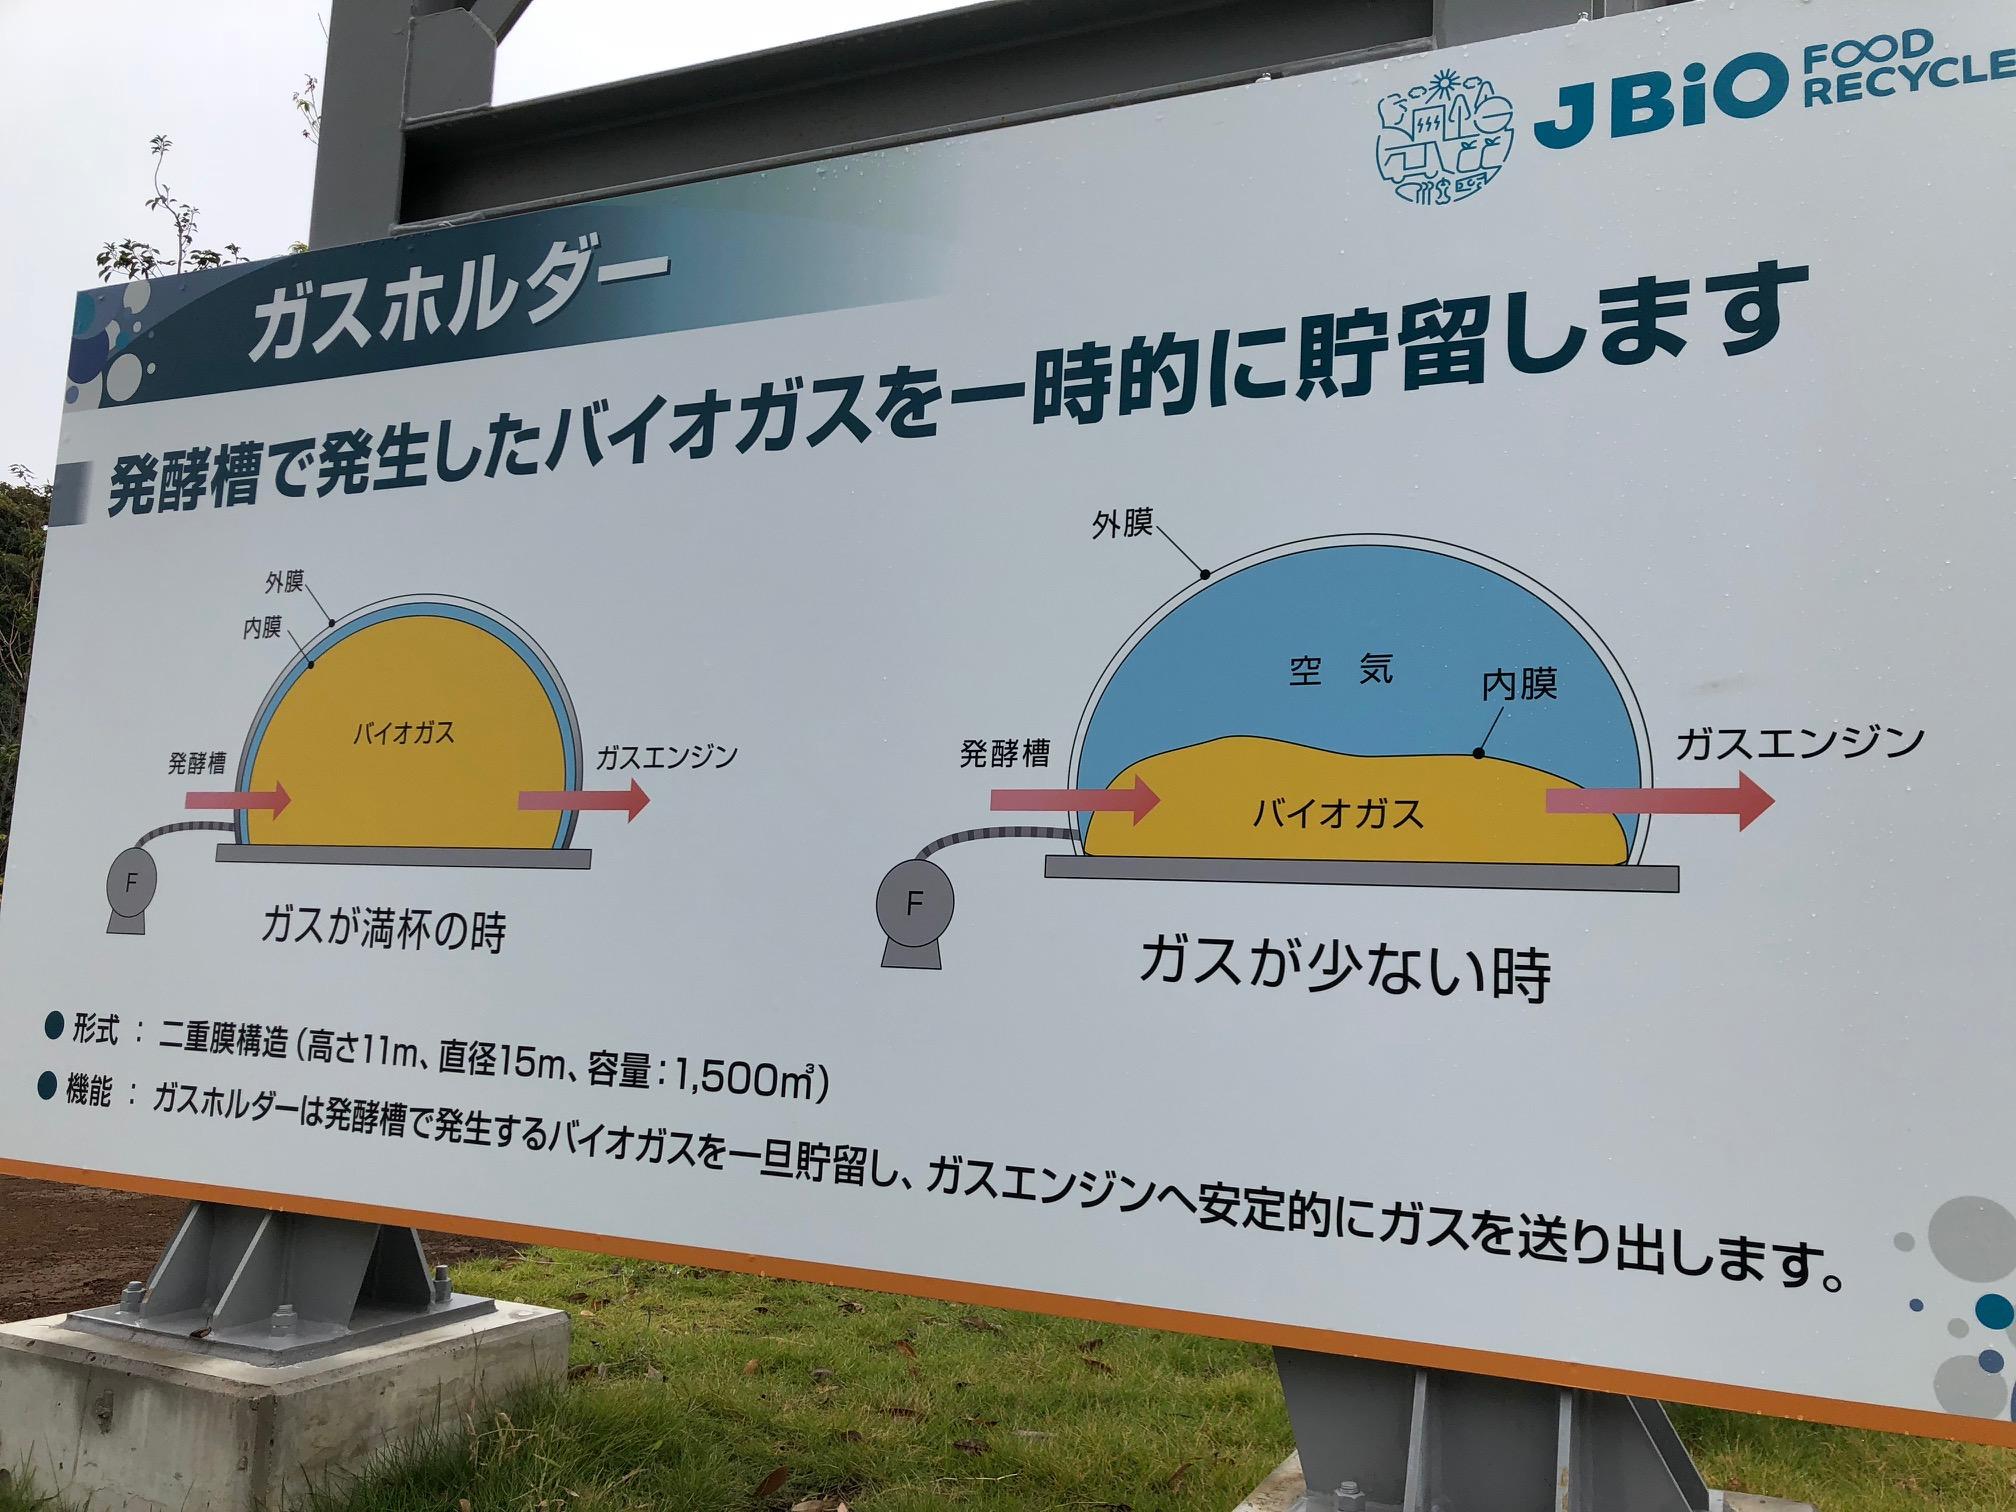 服部商店 Jバイオ工場見学3